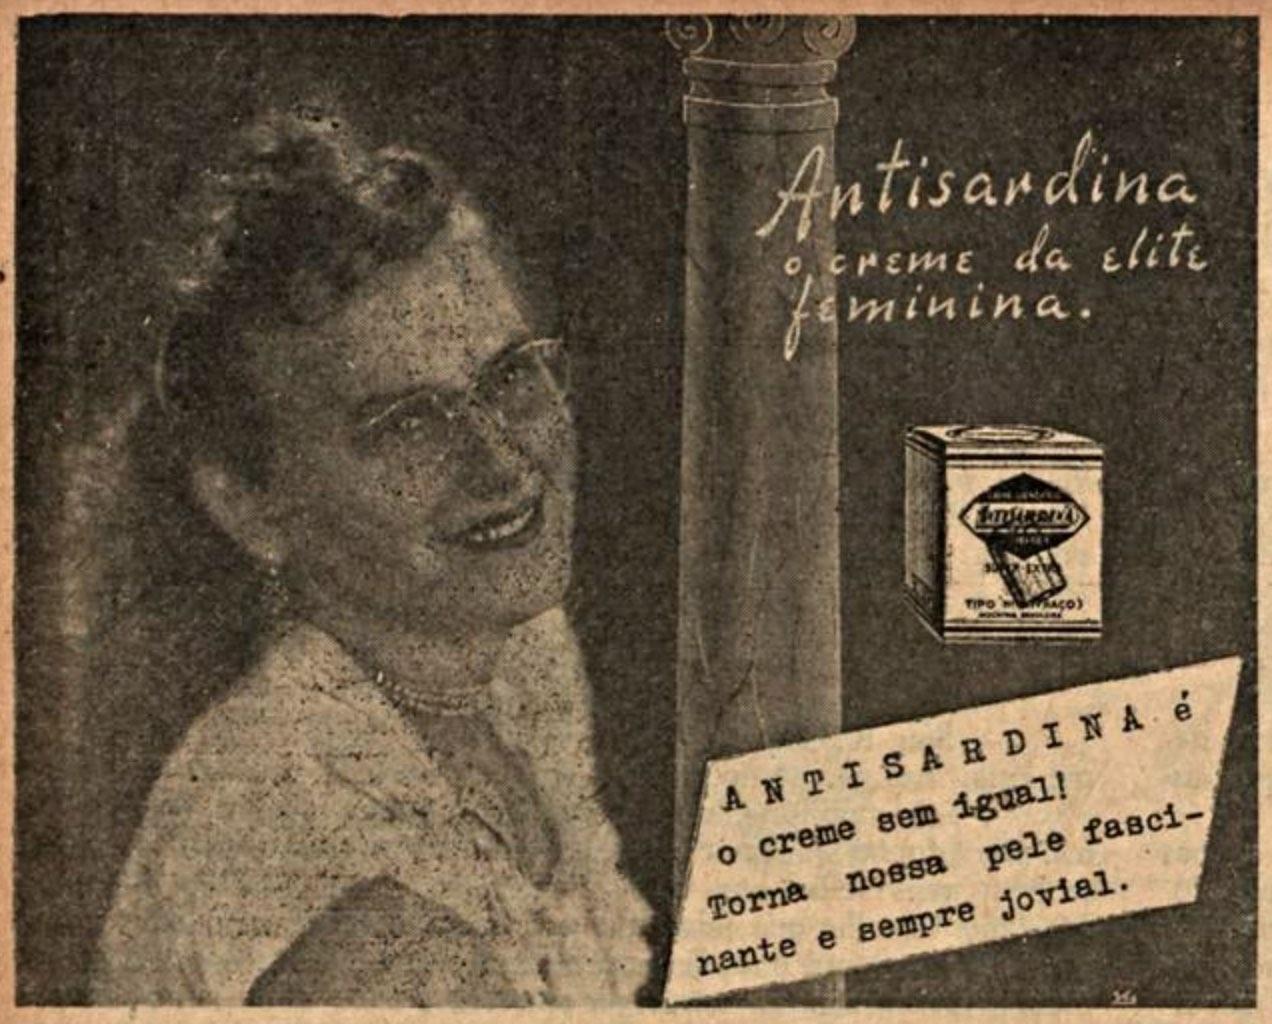 Propaganda antiga veiculada em 1944 que promovia o creme Antisardina